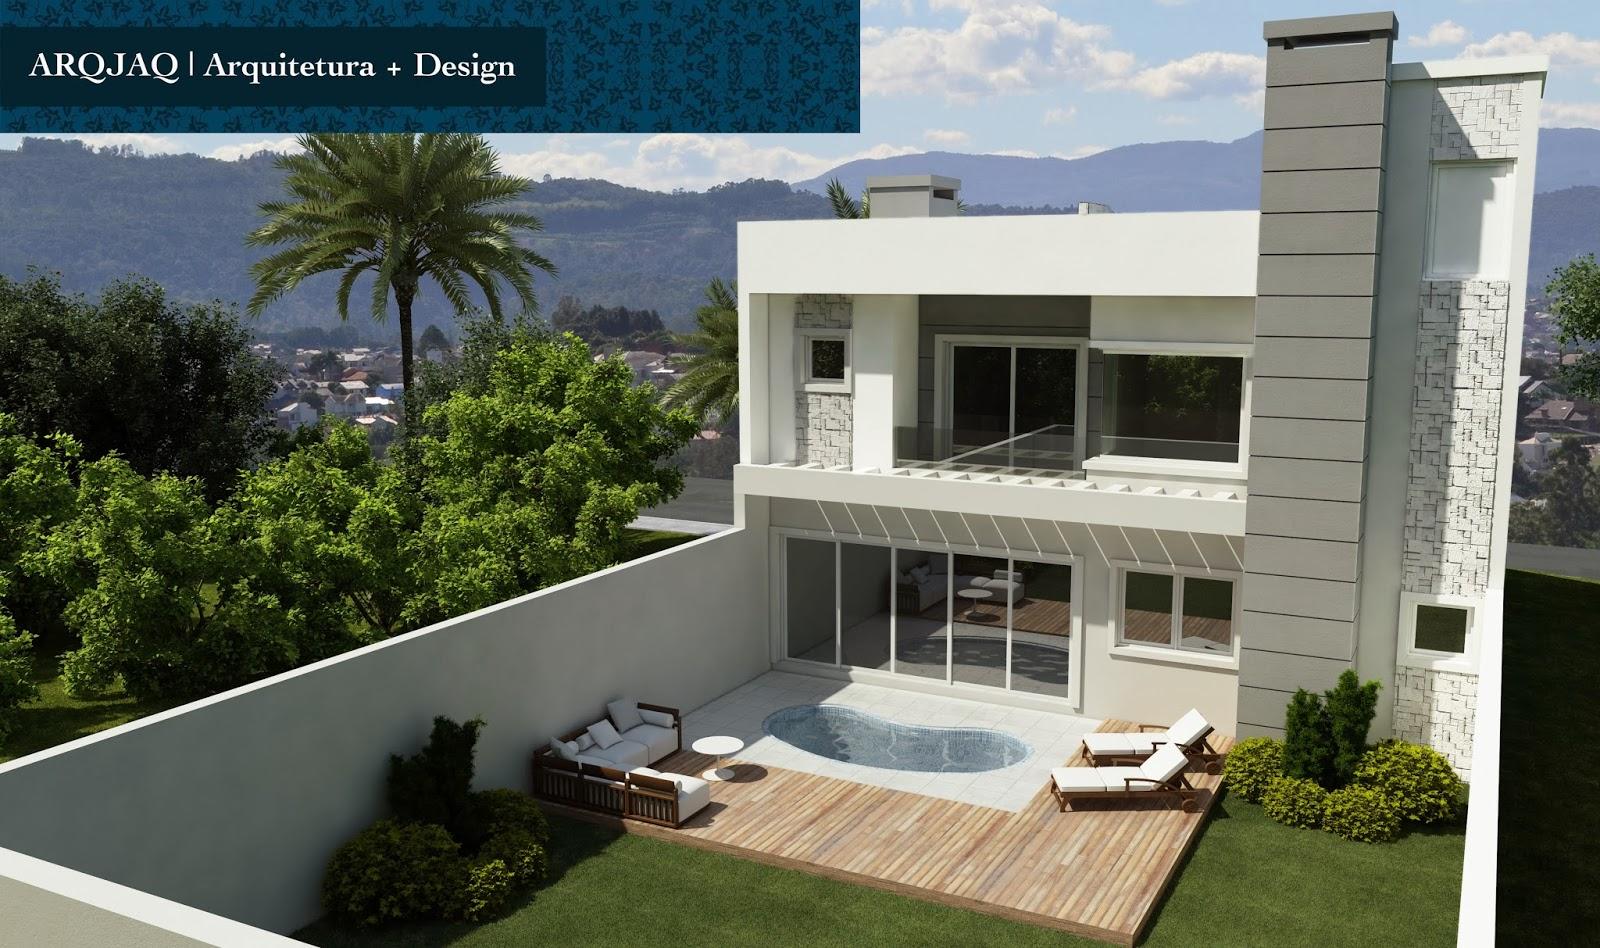 #13425B fachada dos fundos apresenta os mesmo elementos já utilizados na  1600x948 px Projetos De Casas Com Cozinha Nos Fundos #187 imagens